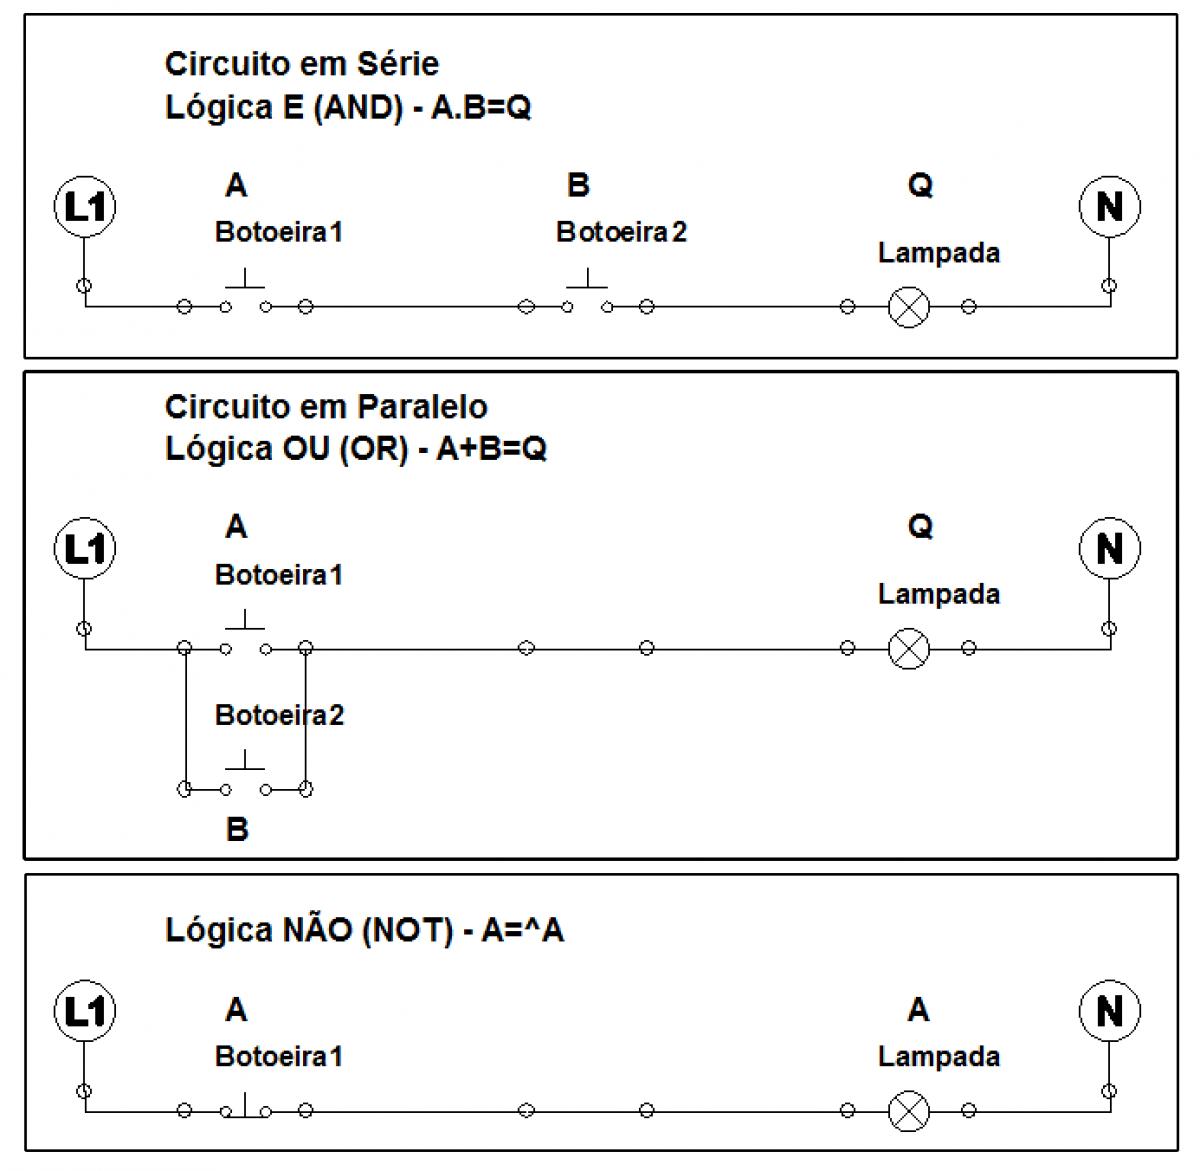 curso automacao industrial portas logicas circuito curso automacao industrial portas logicas circuito 1200x1171